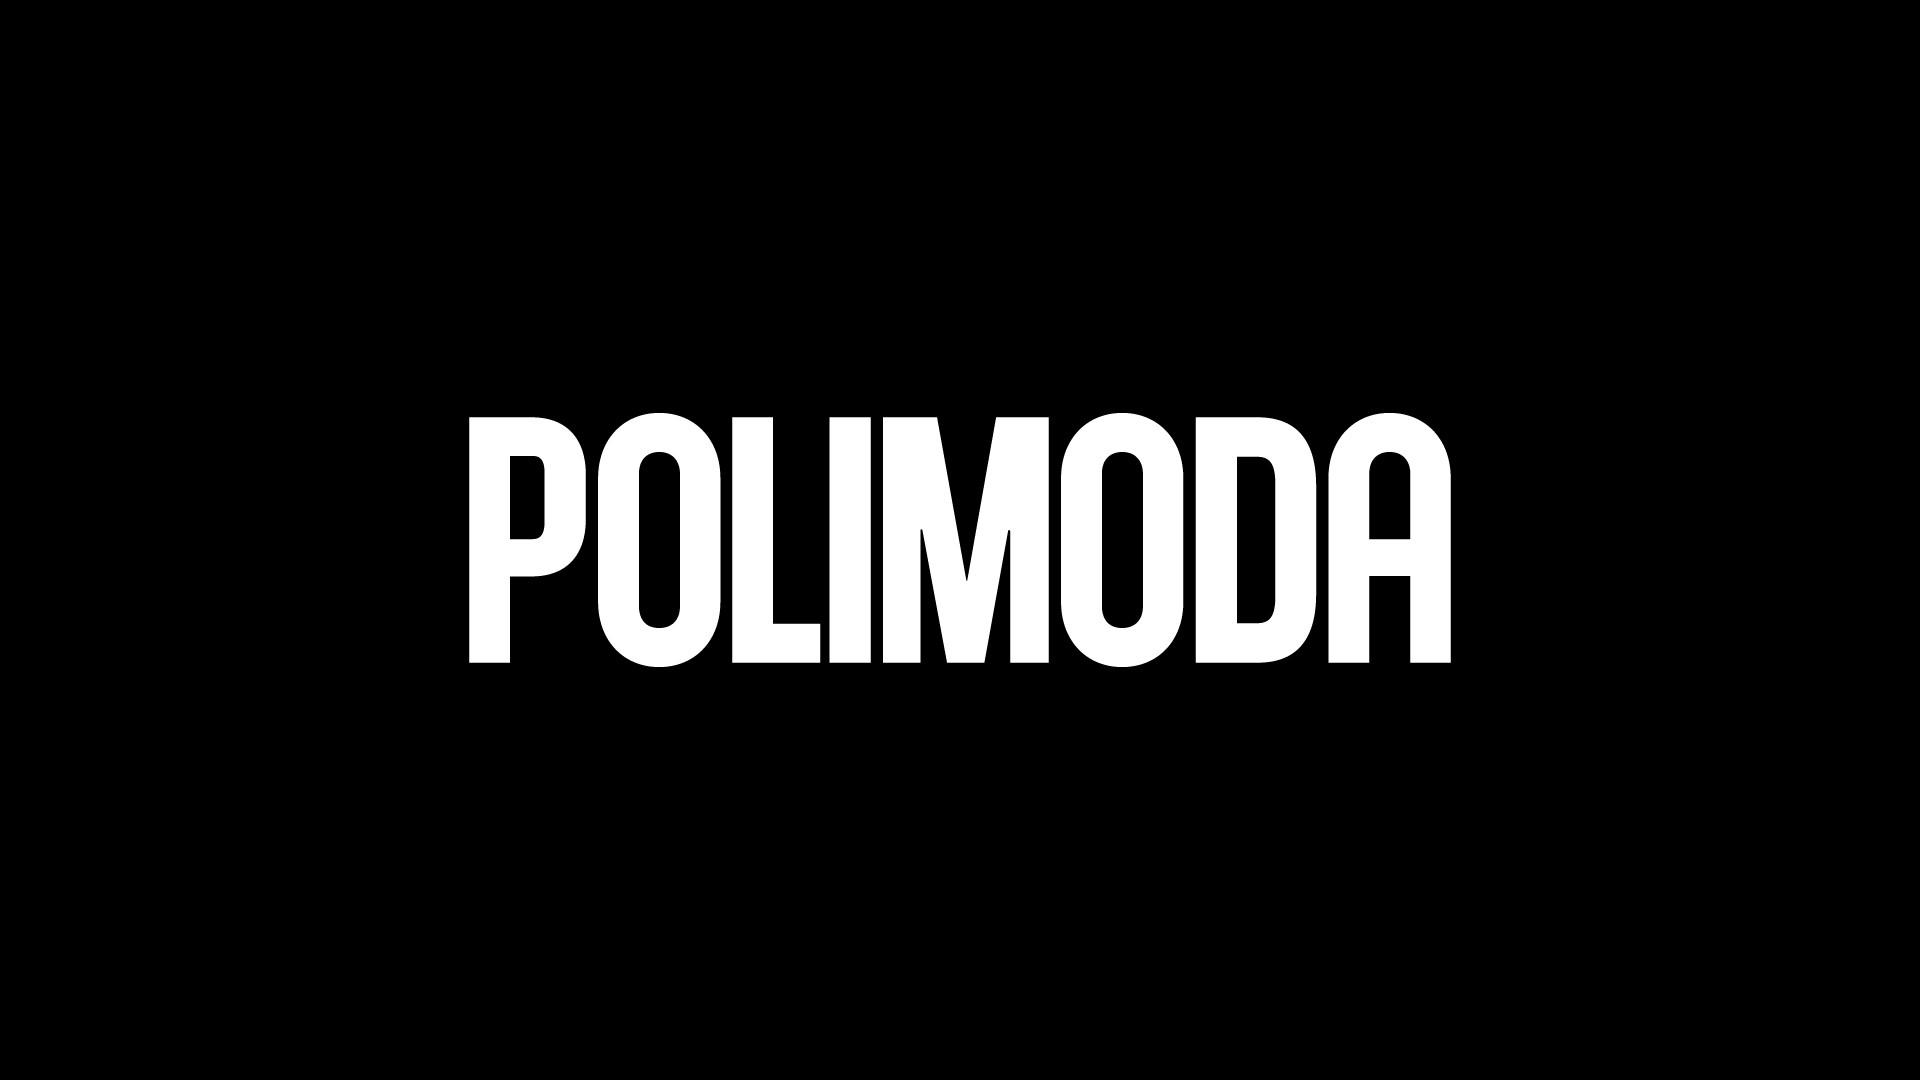 logo-polimoda_white-on-black_SMALL2017.j